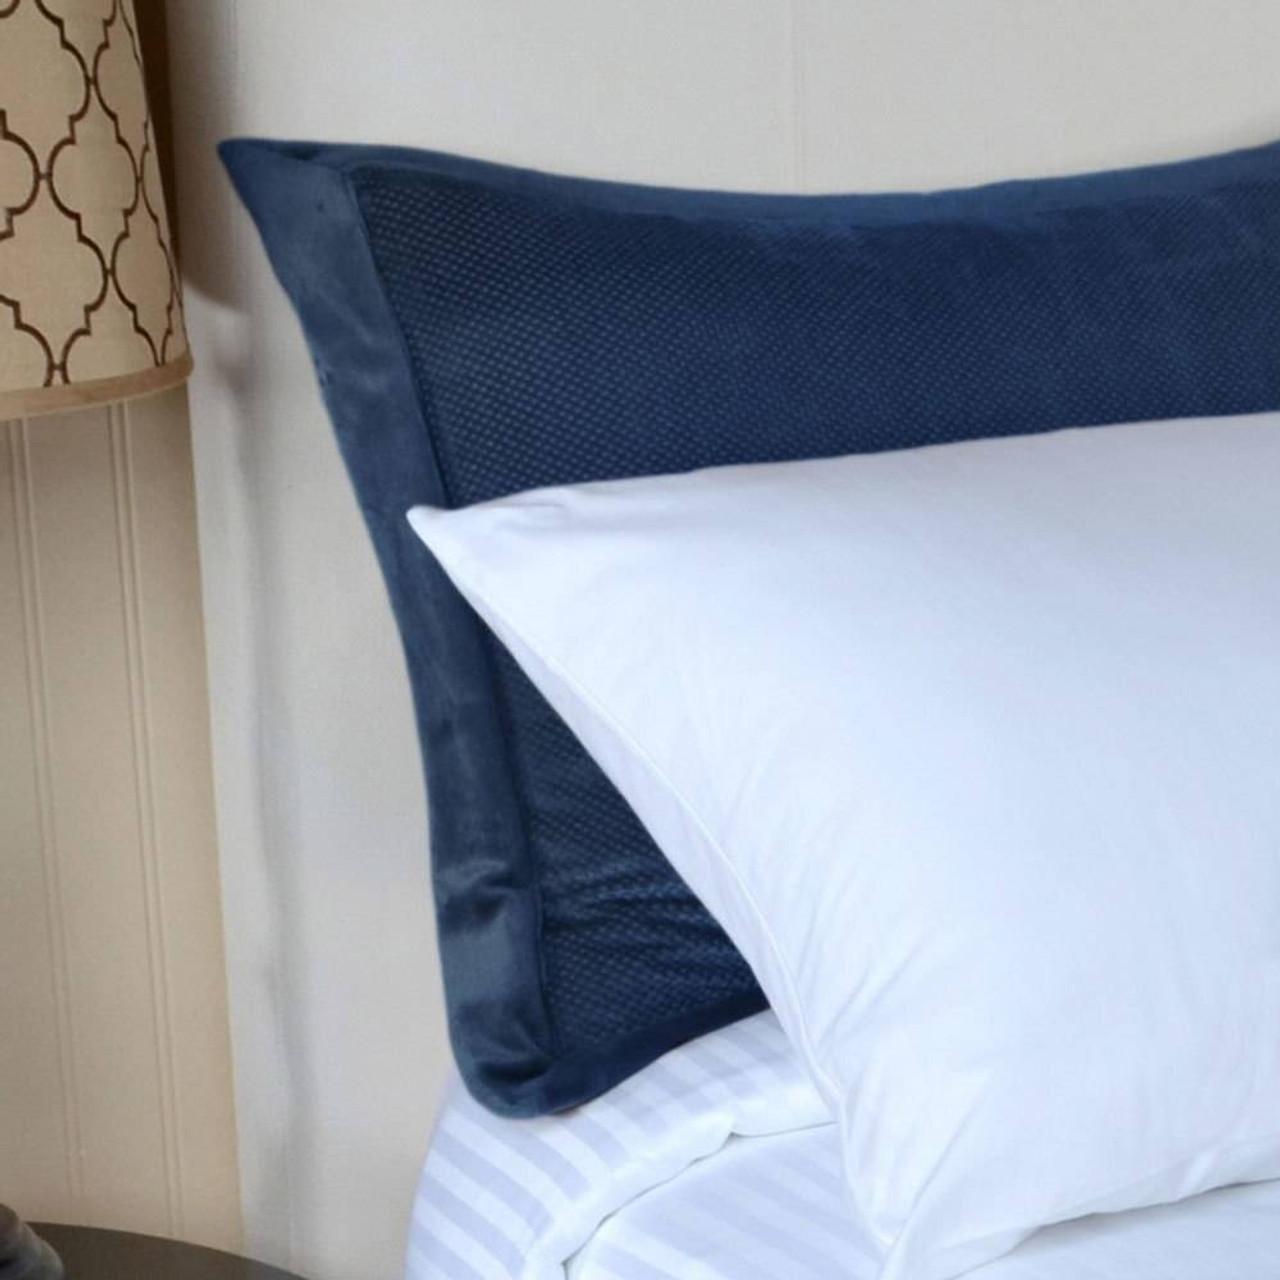 Berkshire Blankets BERKSHIRE or OPULENCE DOBBY MINK or PILLOW SHAM